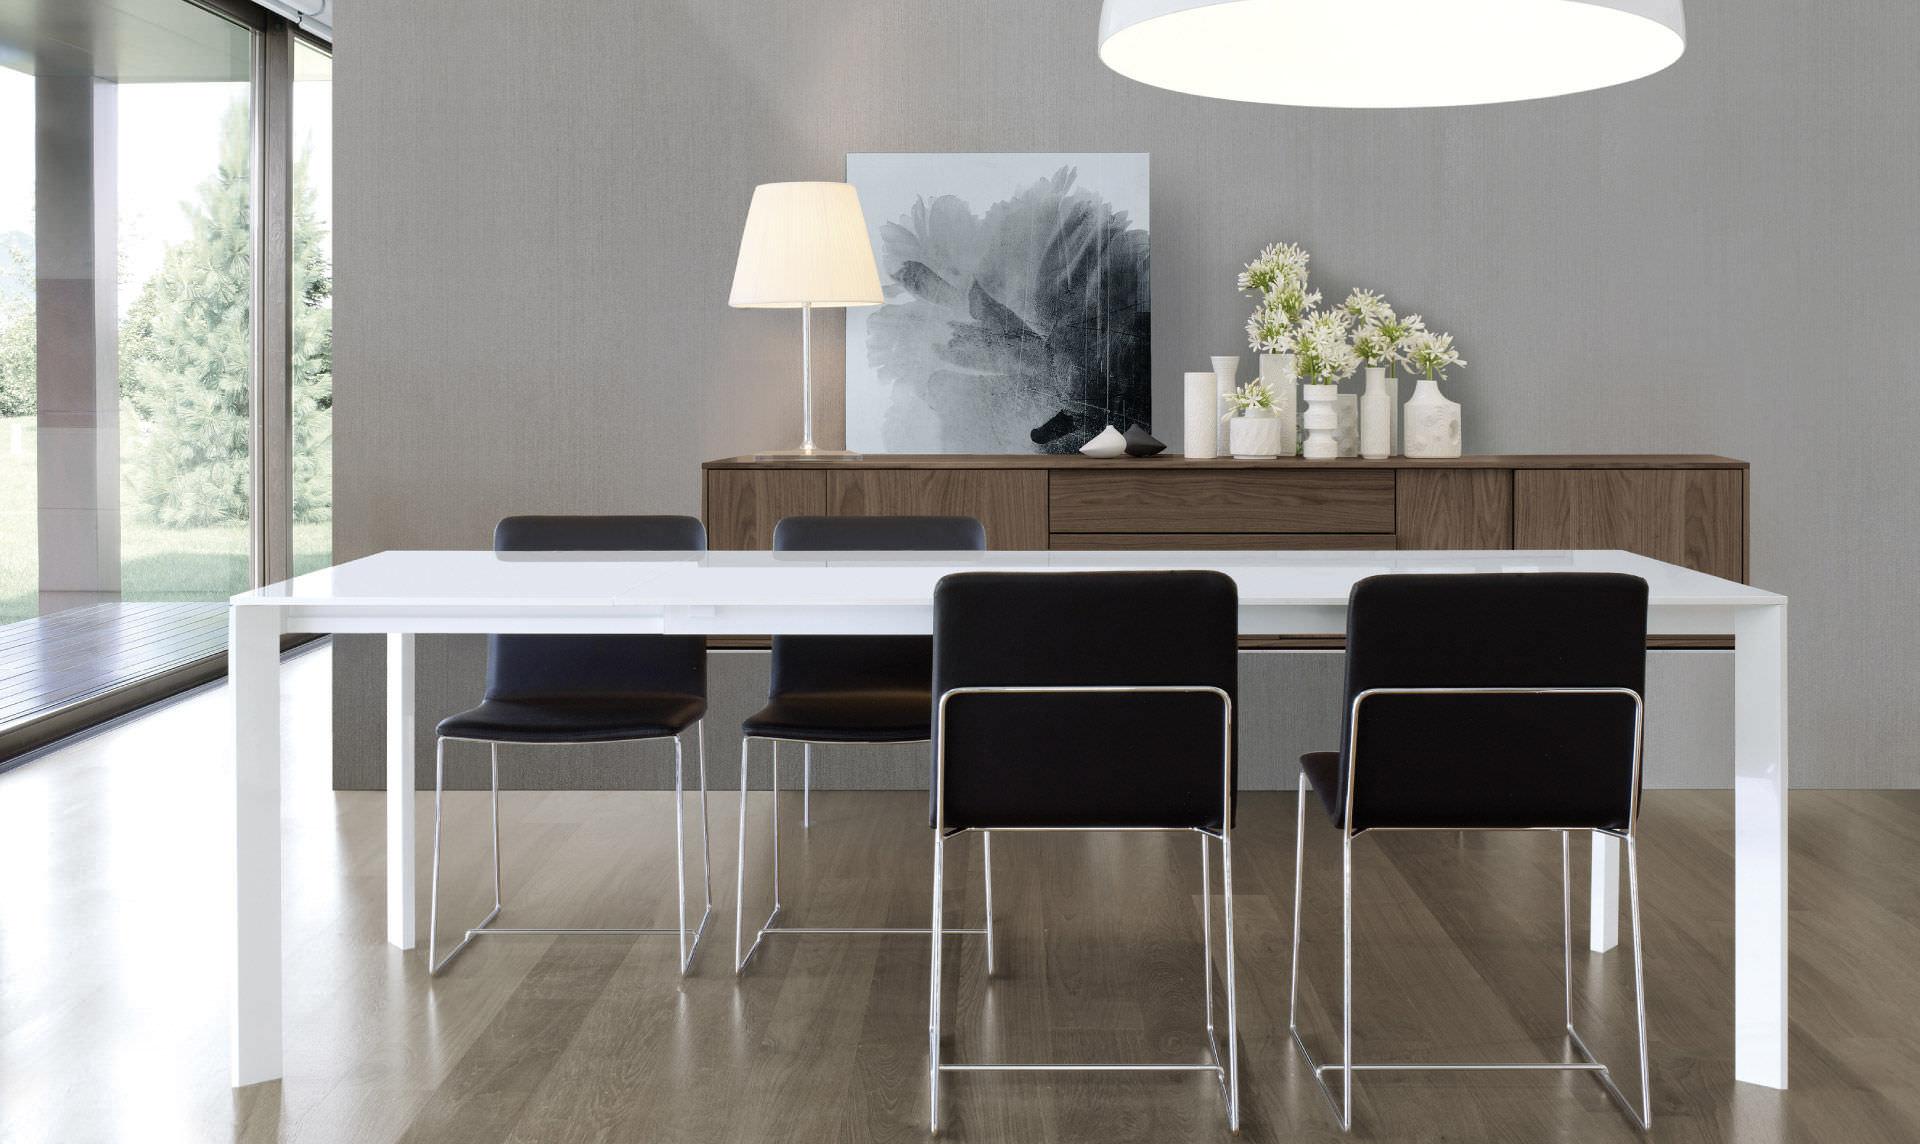 Tavolo In Legno Design: Tavolo moderno legno massello base shangai ...